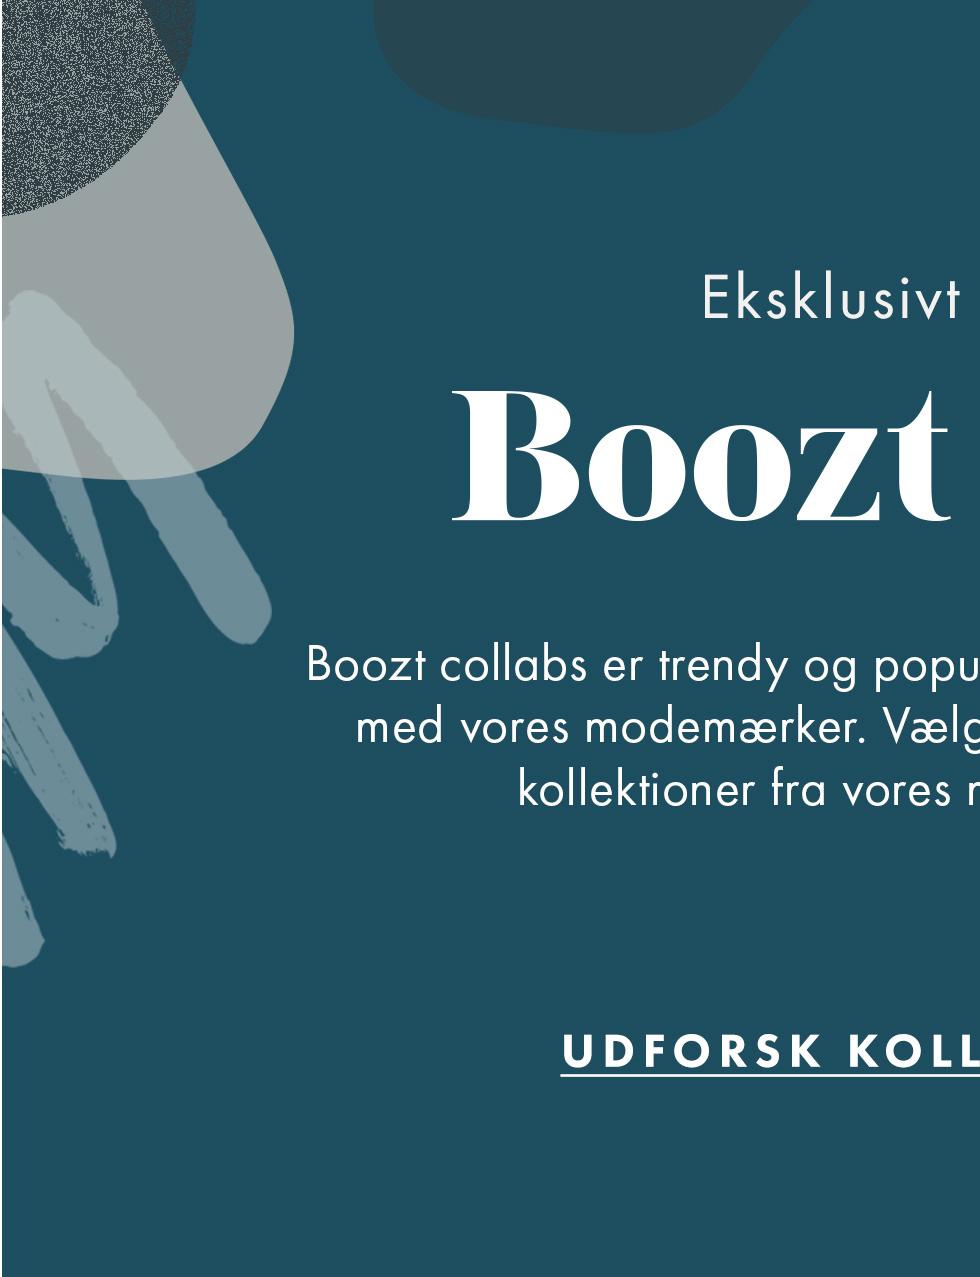 Boozt_Collabs_Carousel_01_en